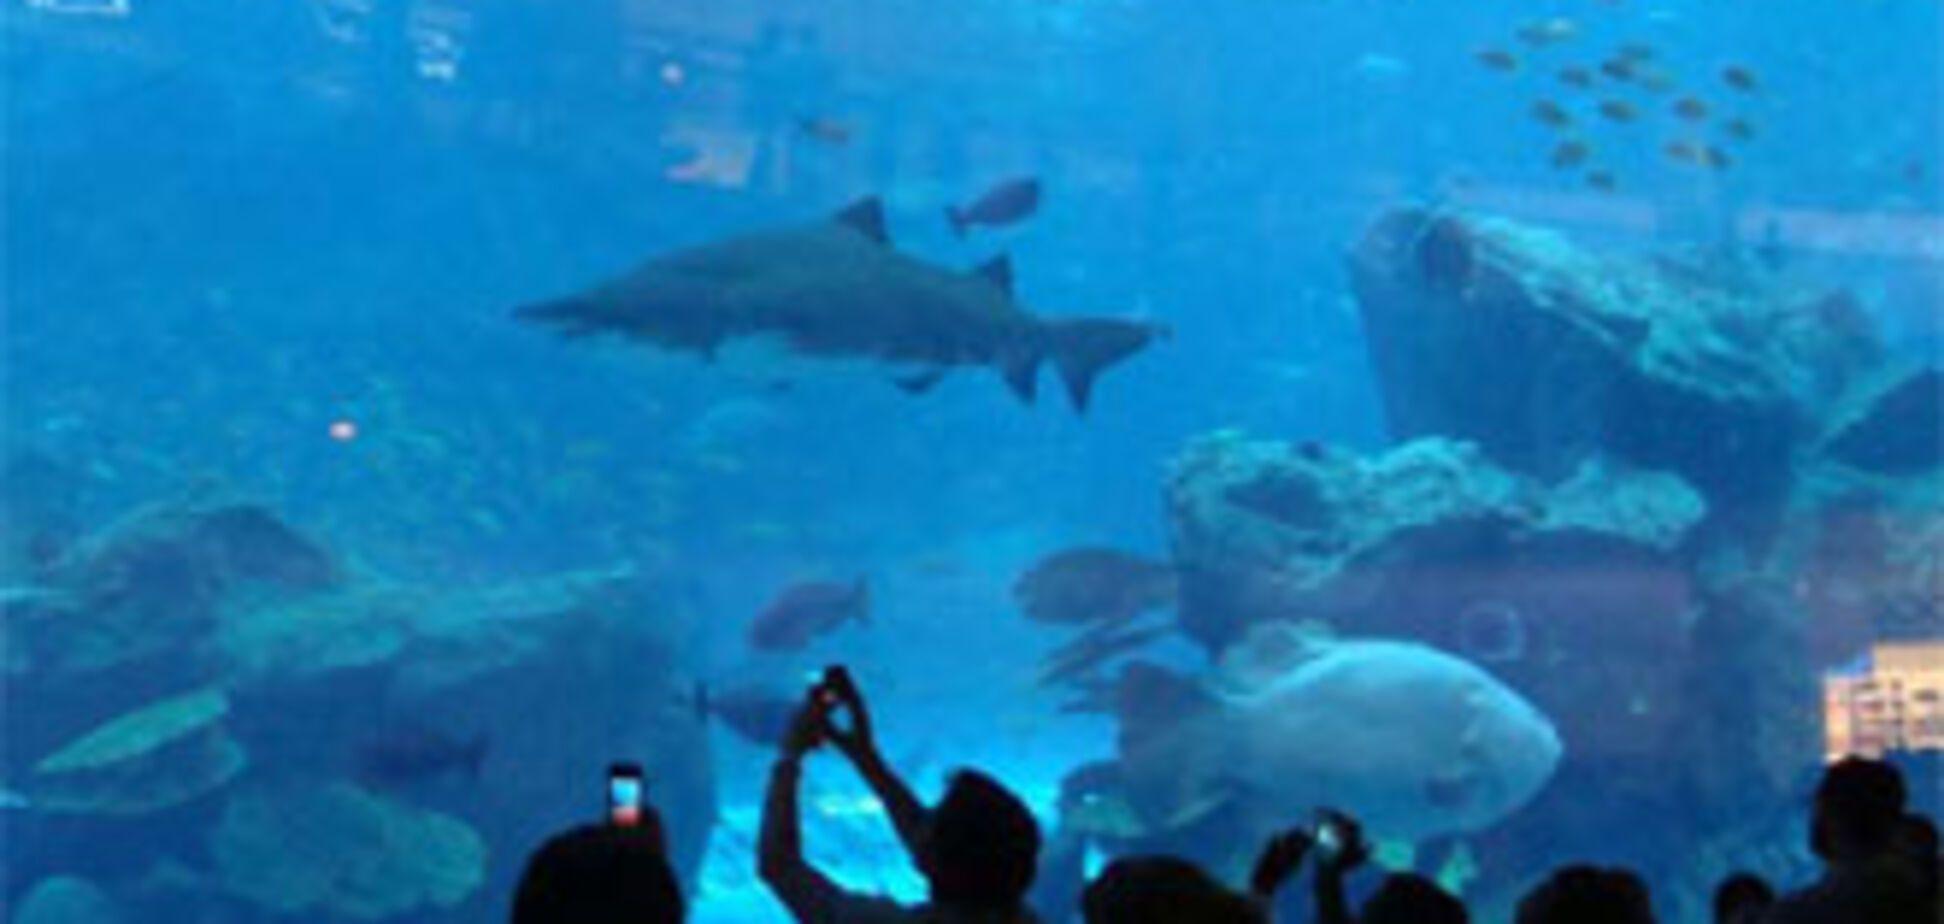 В Дубаи лопнул гигантский аквариум с акулами и скатами